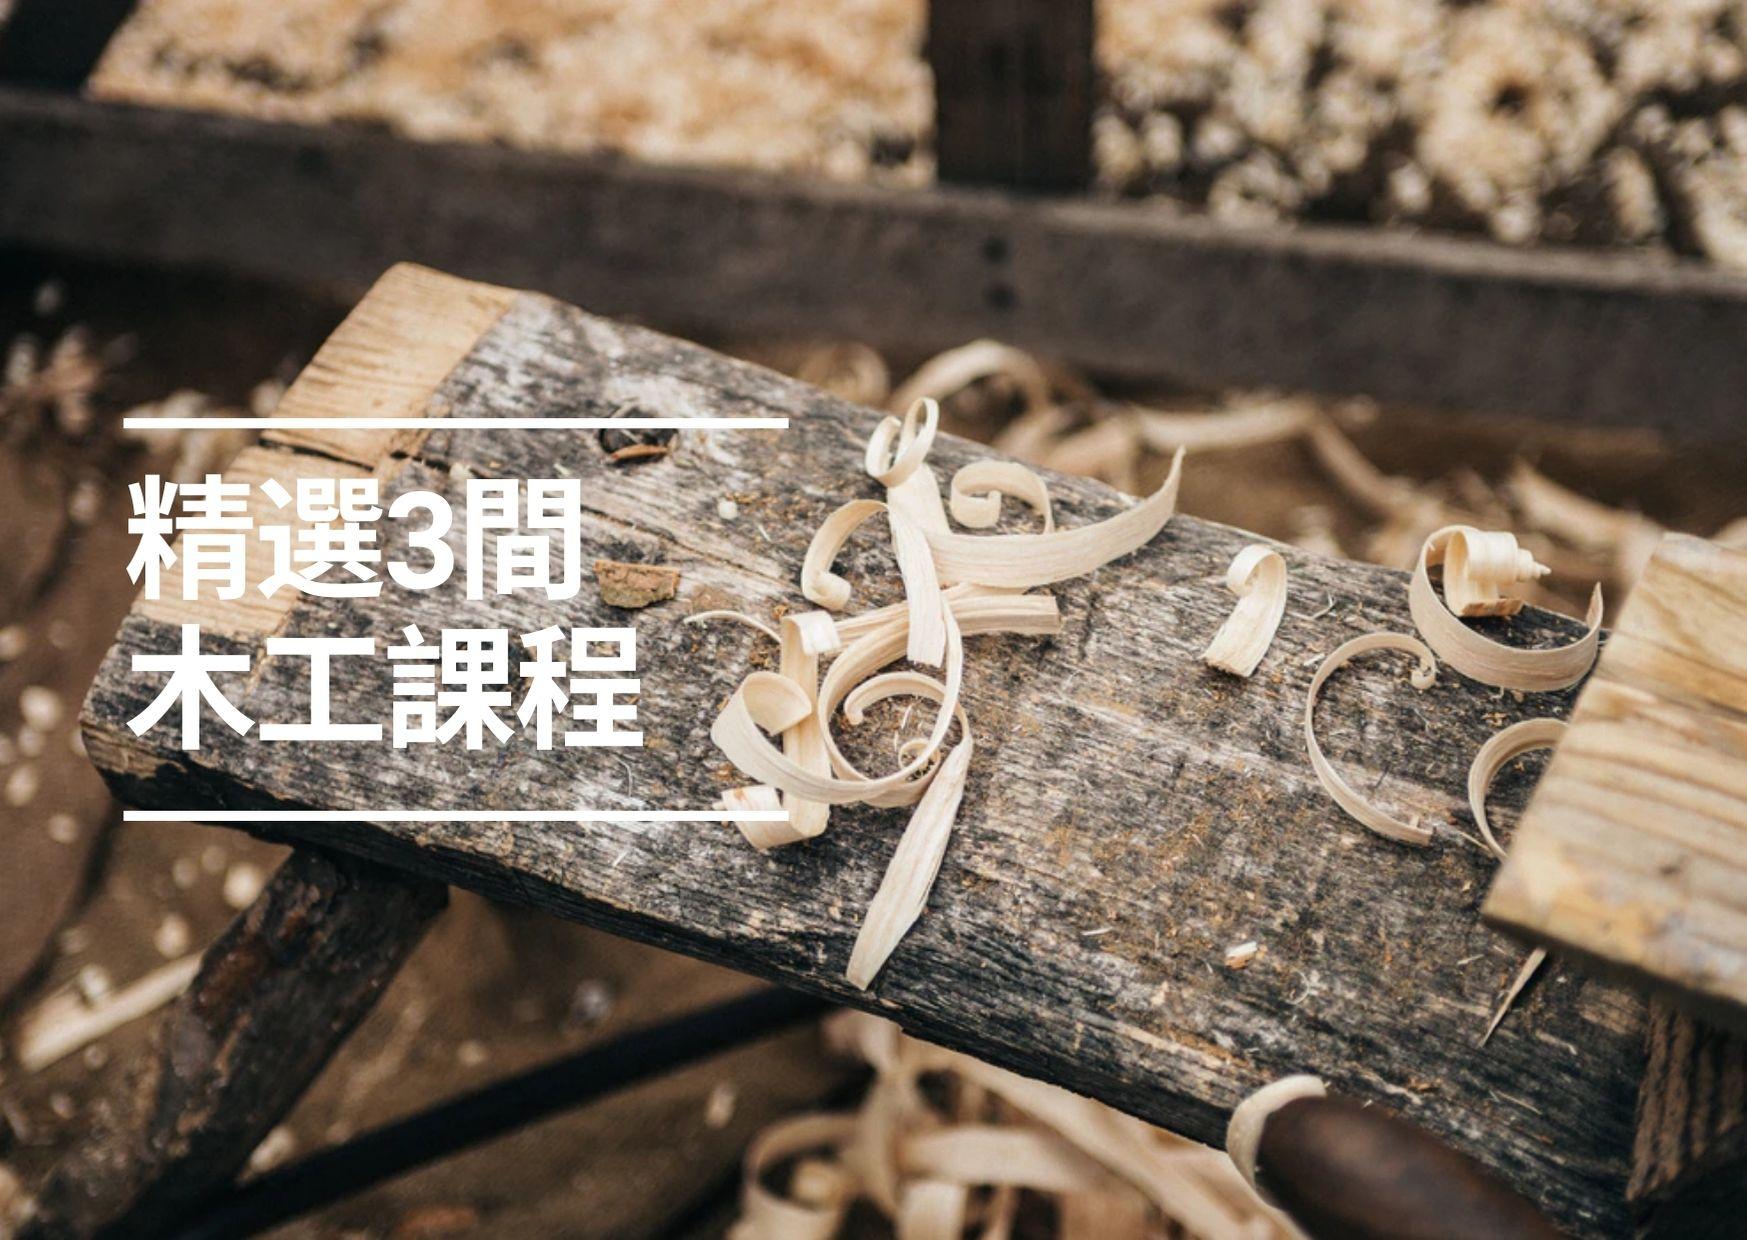 【香港好去處】2021年必試!3間全港最好玩既木工課程!